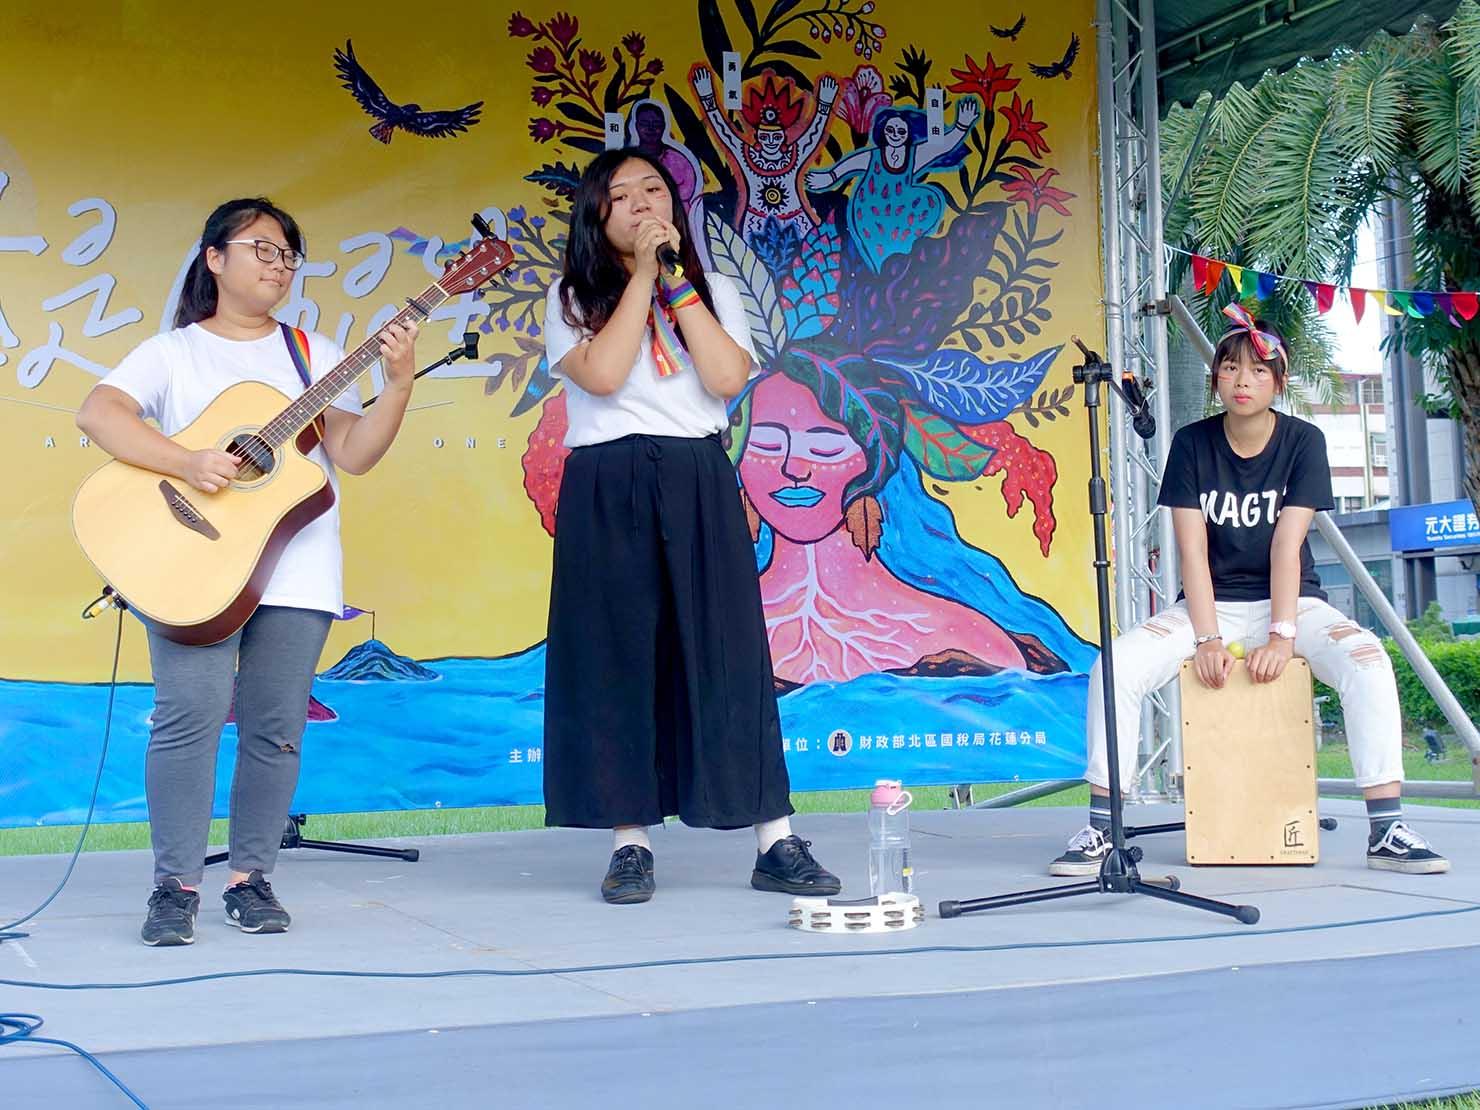 花東彩虹嘉年華(台湾東部LGBTプライド)の会場ステージでライブを披露する東華大學の学生さん